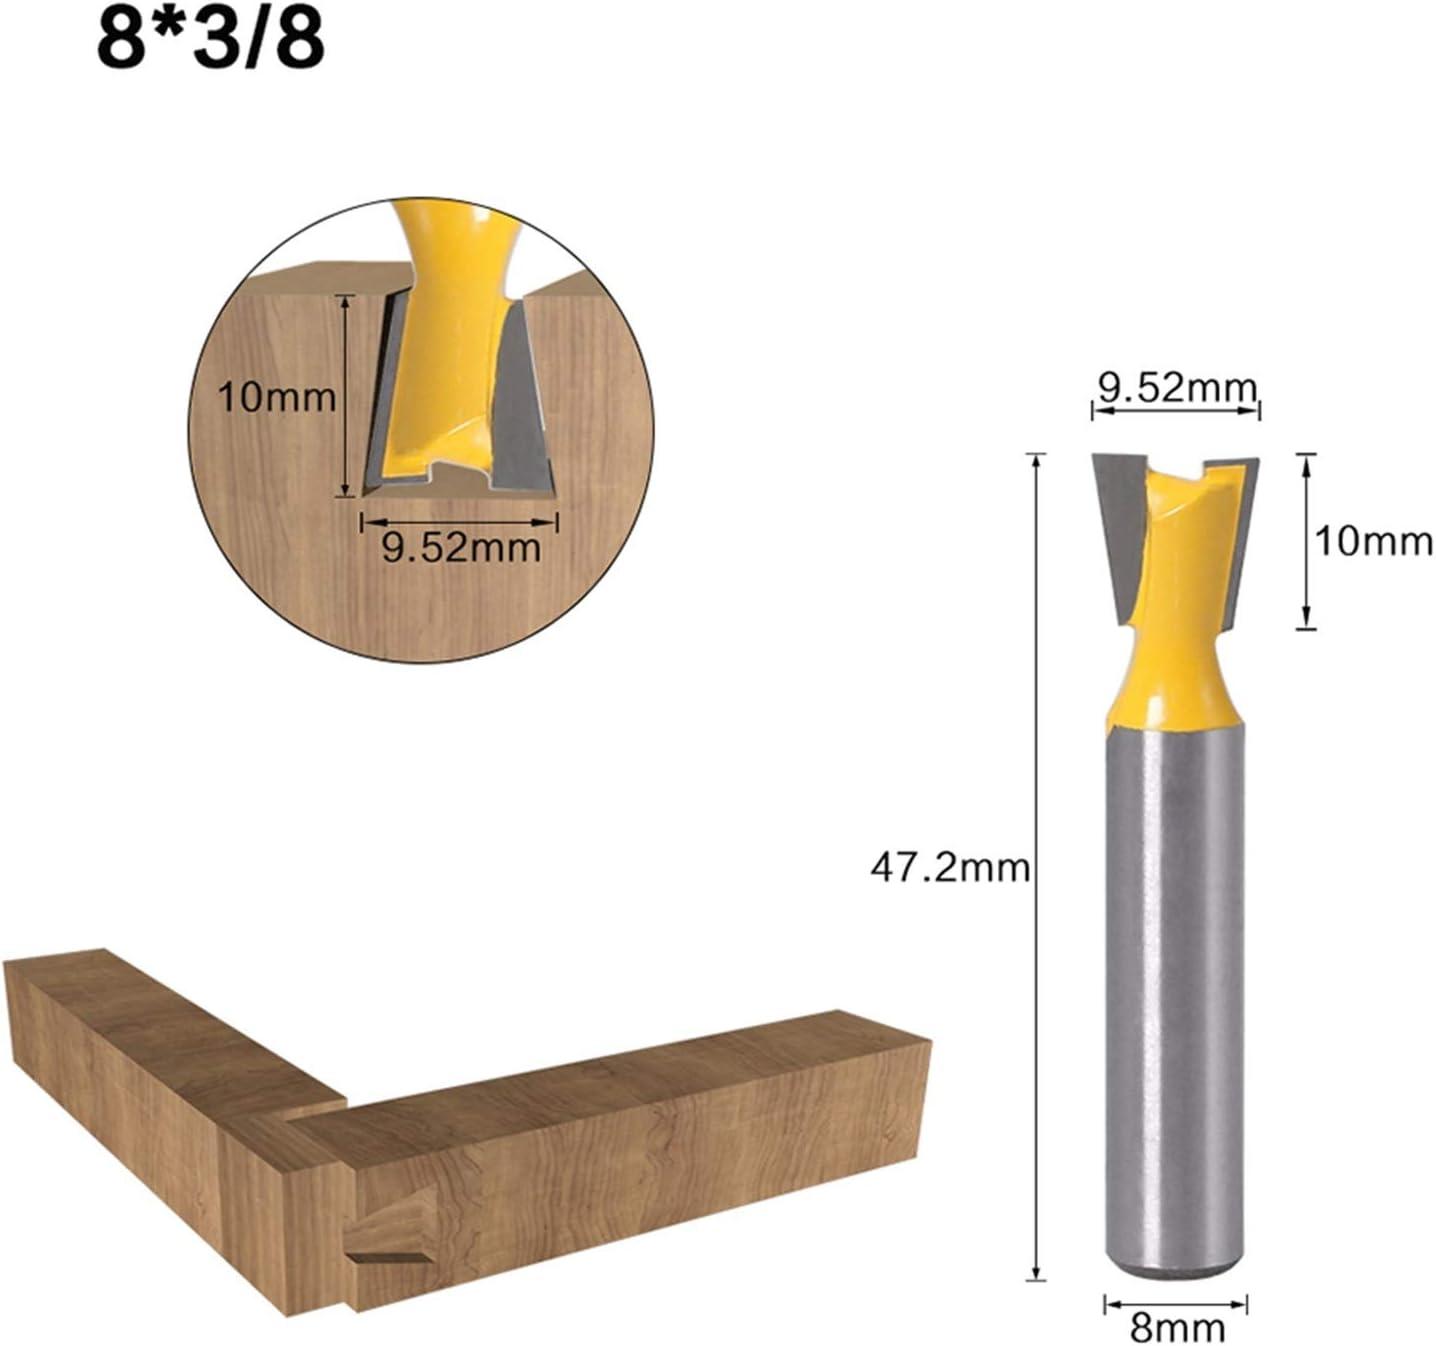 14 Grad Holzbearbeitung Graviermaschine Bit-Fr/äser for Holz f/ür Home /& DIY Pangocho Jinchao-Router-Bits 1pcs Cutting Edge Length : 5PCS 8mm Schaft Schwalbenschwanz Fr/äser Set